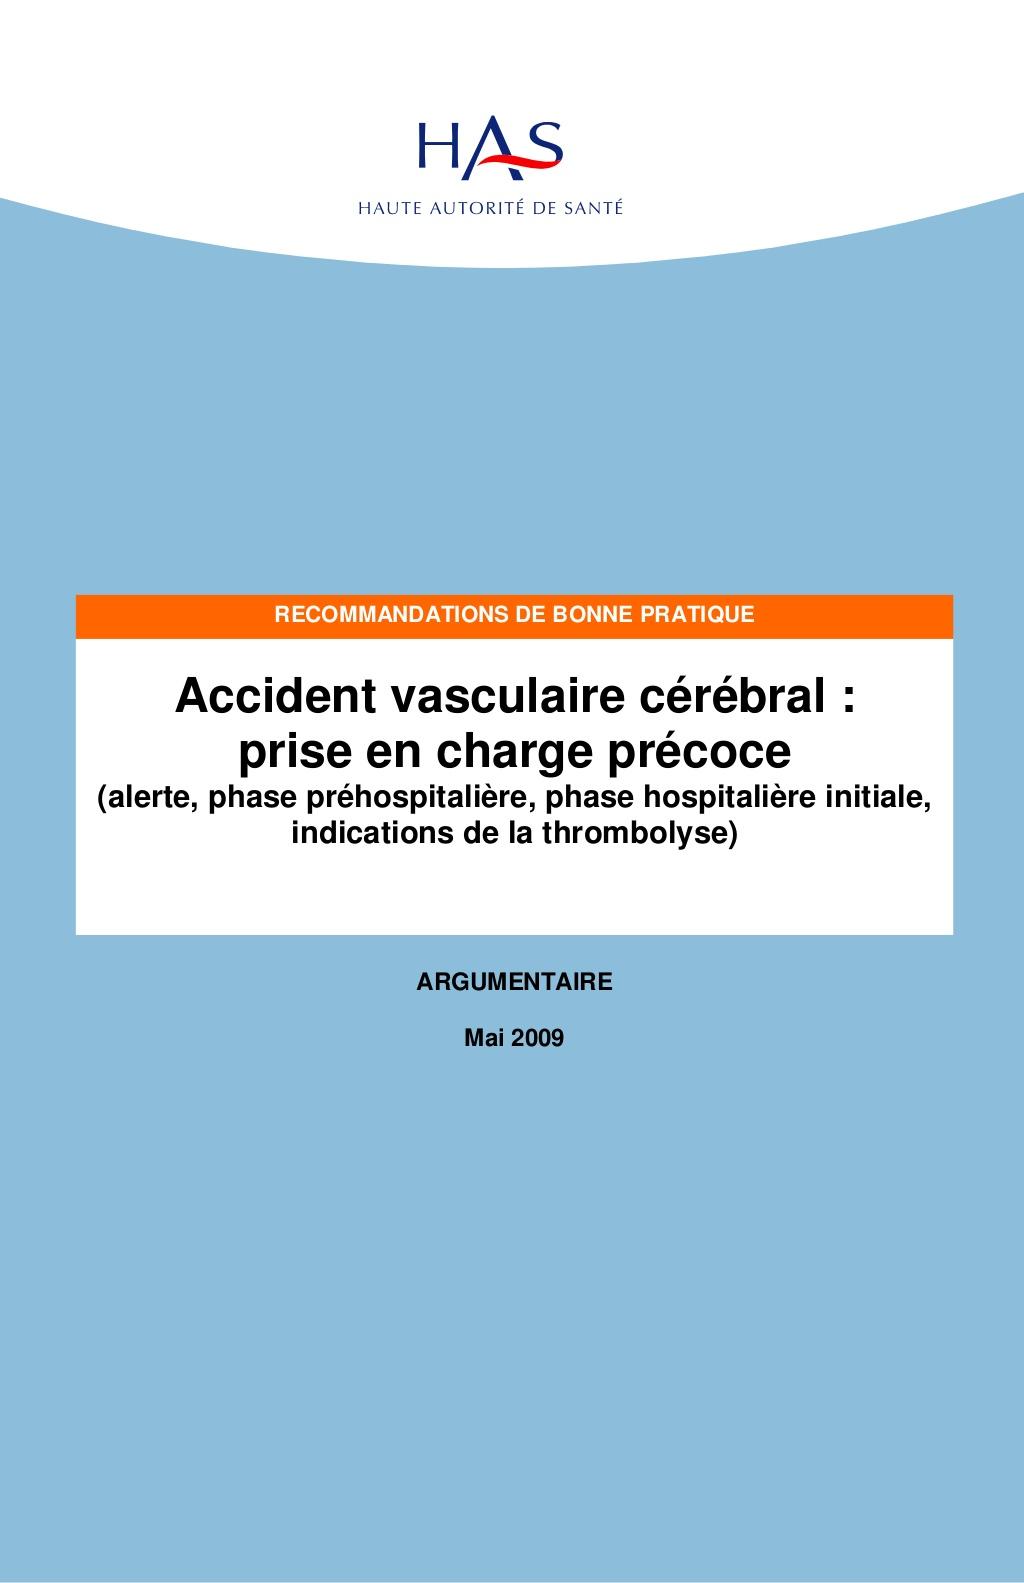 Accident vasculaire cérébral prise en charge précoce .PDF